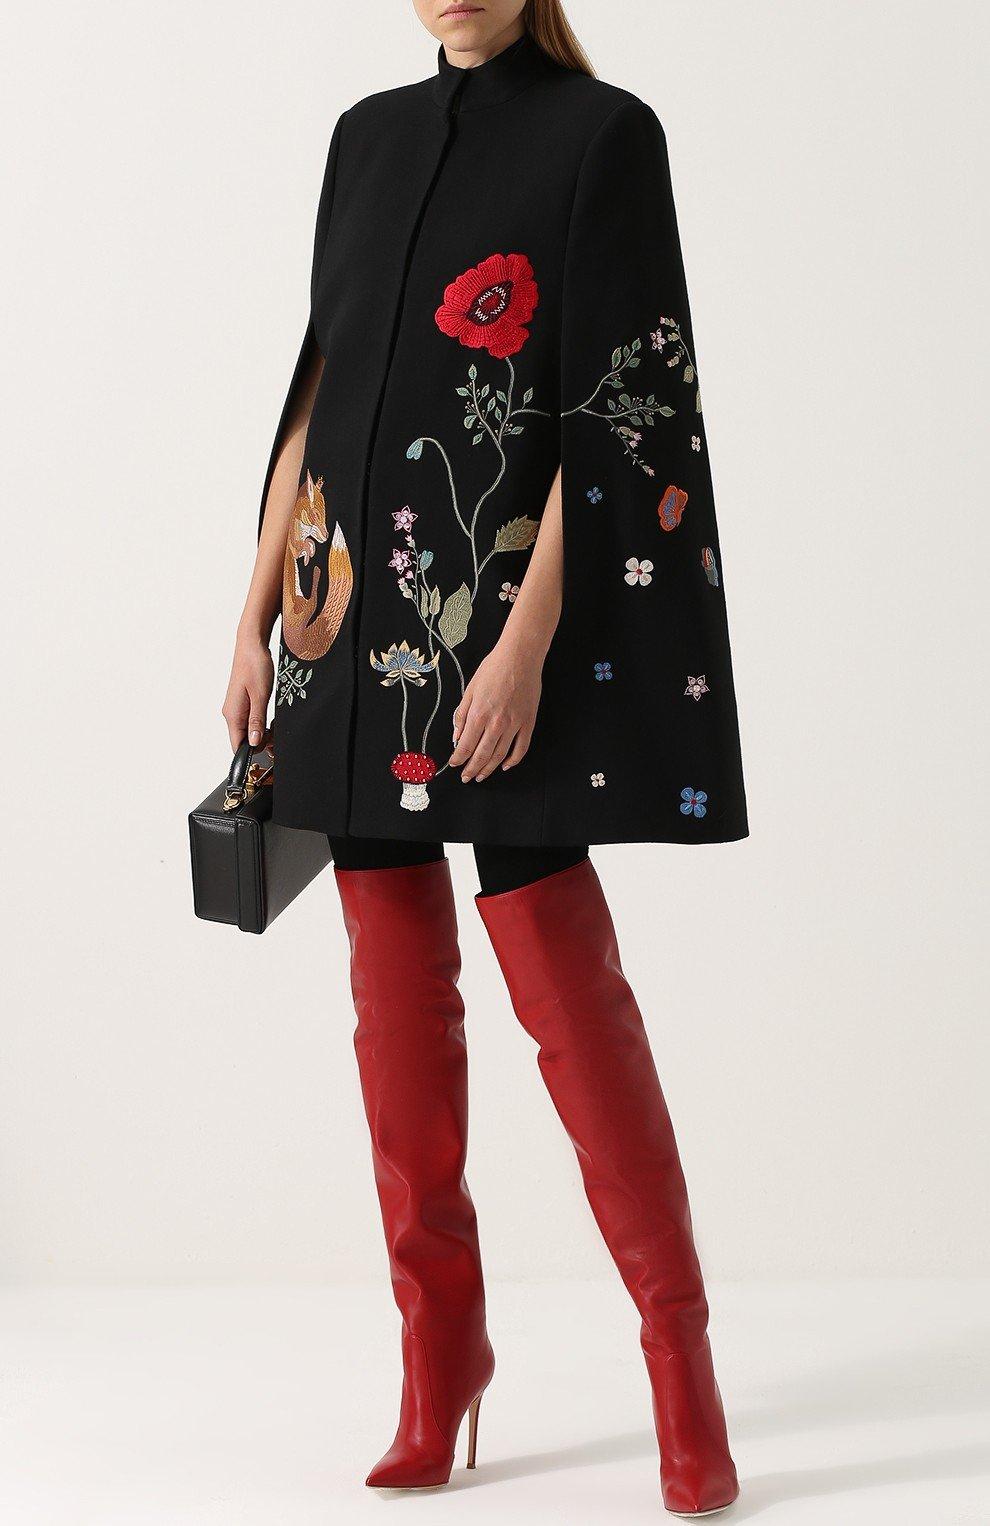 высокие красные ботфорты на каблуке сапоги весна 2018 модные тенденции фото